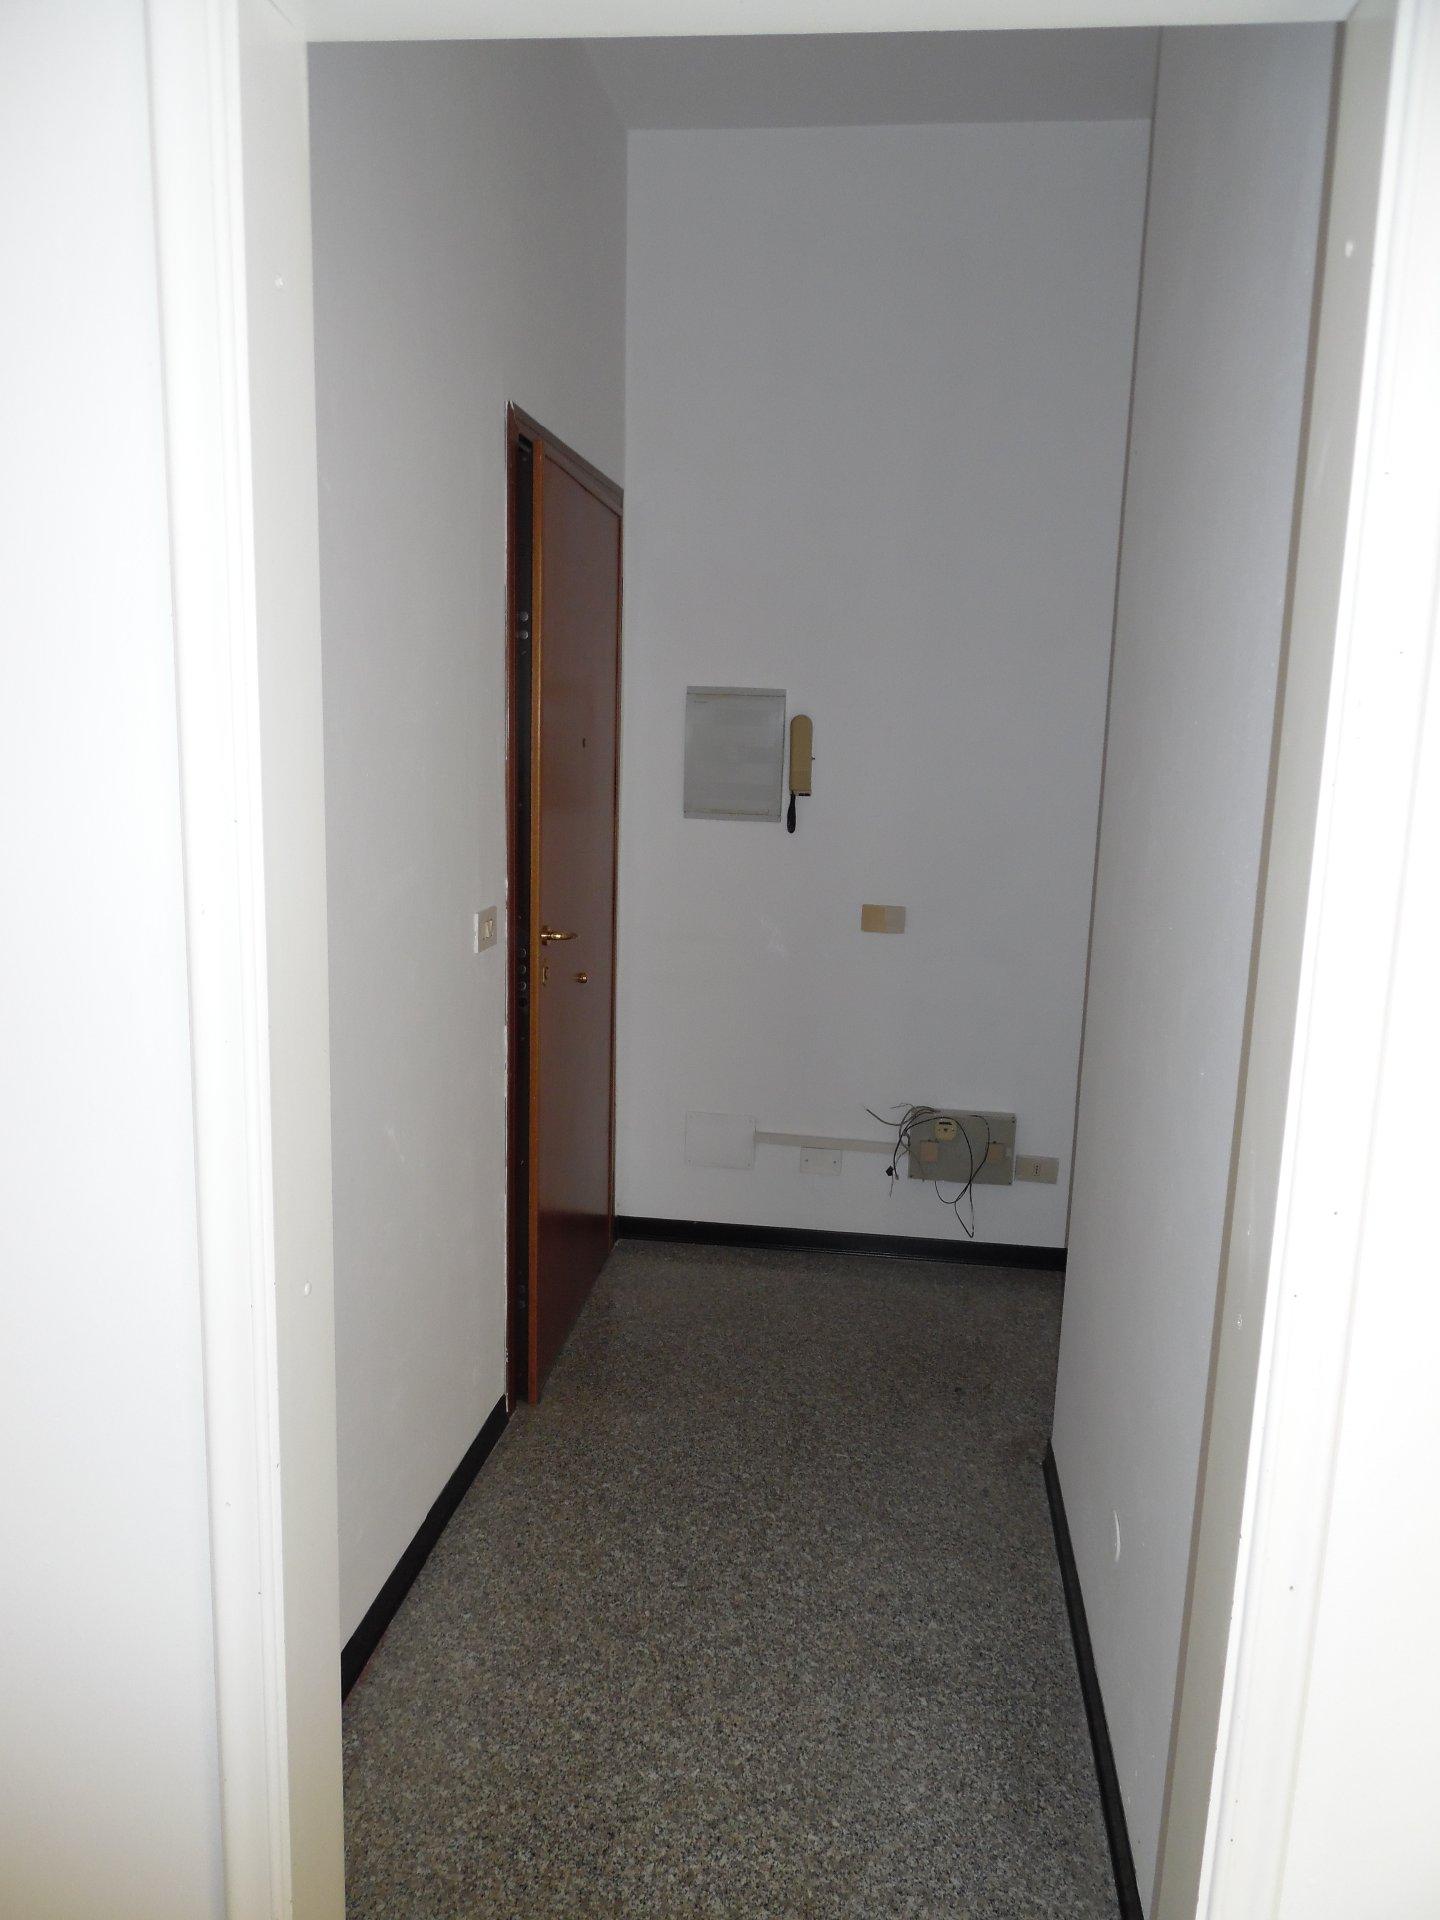 Ufficio in vendita, rif. VC48